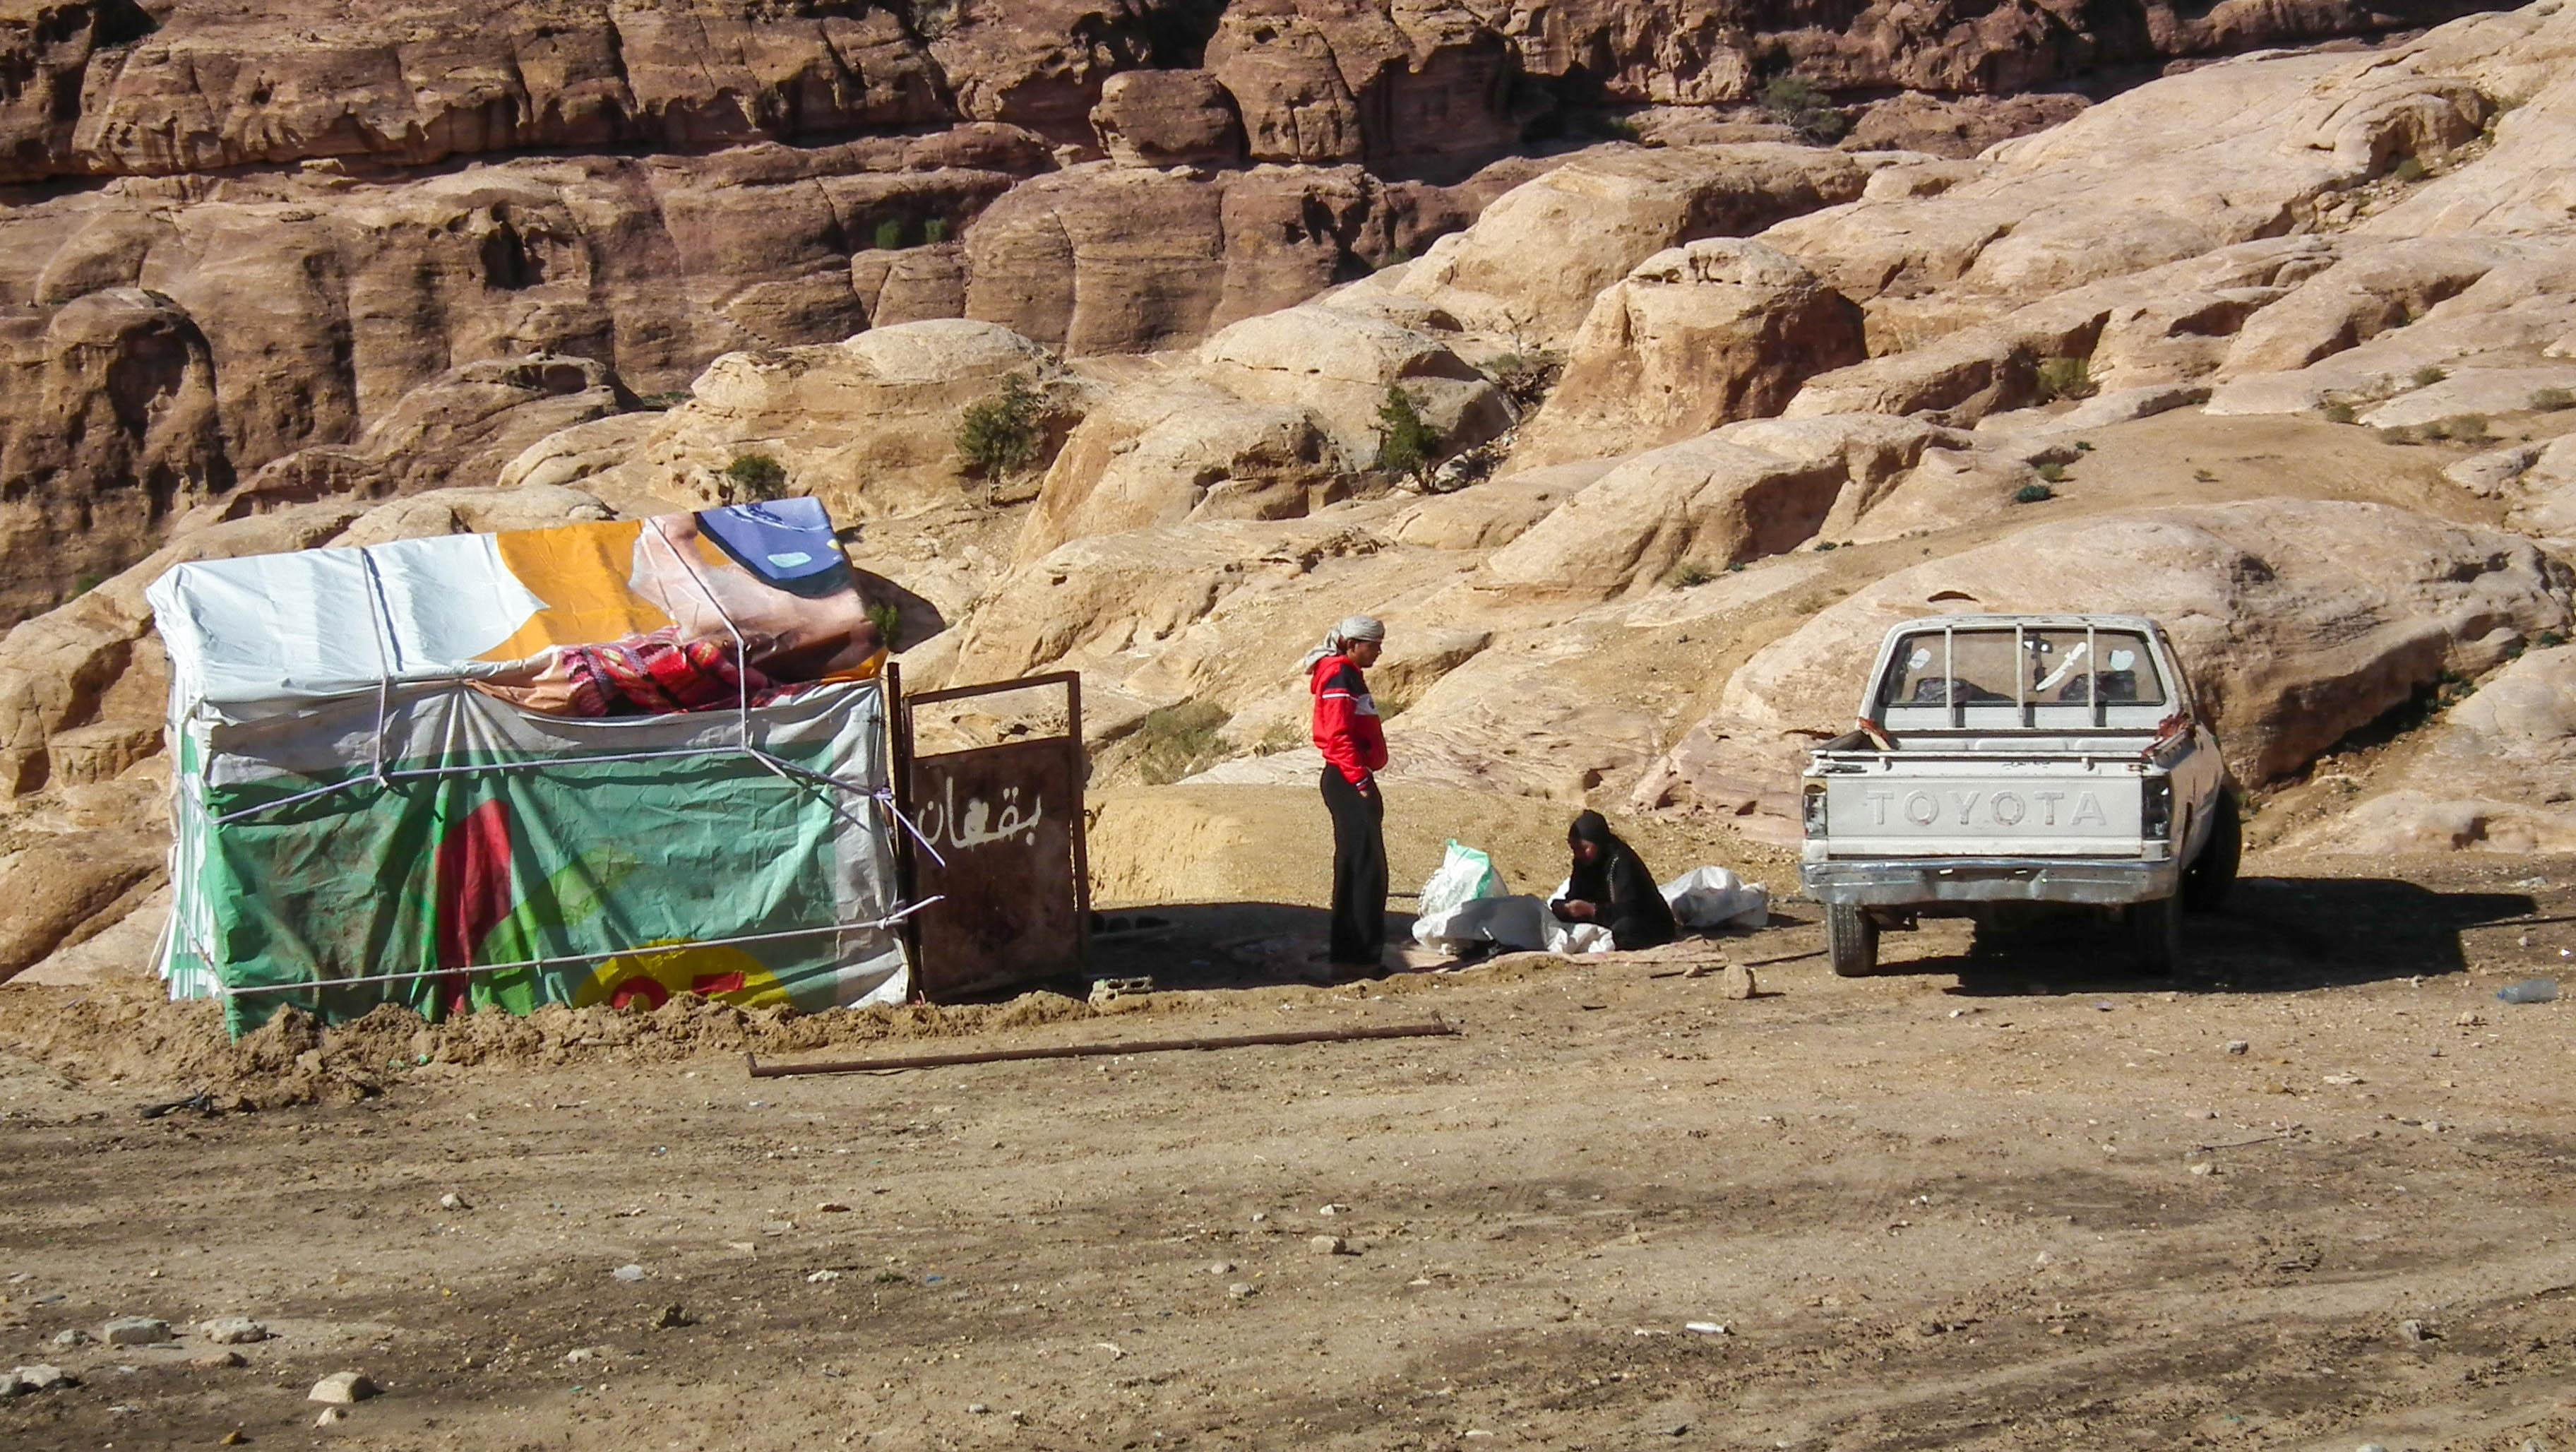 Jordania, Wadi Musa